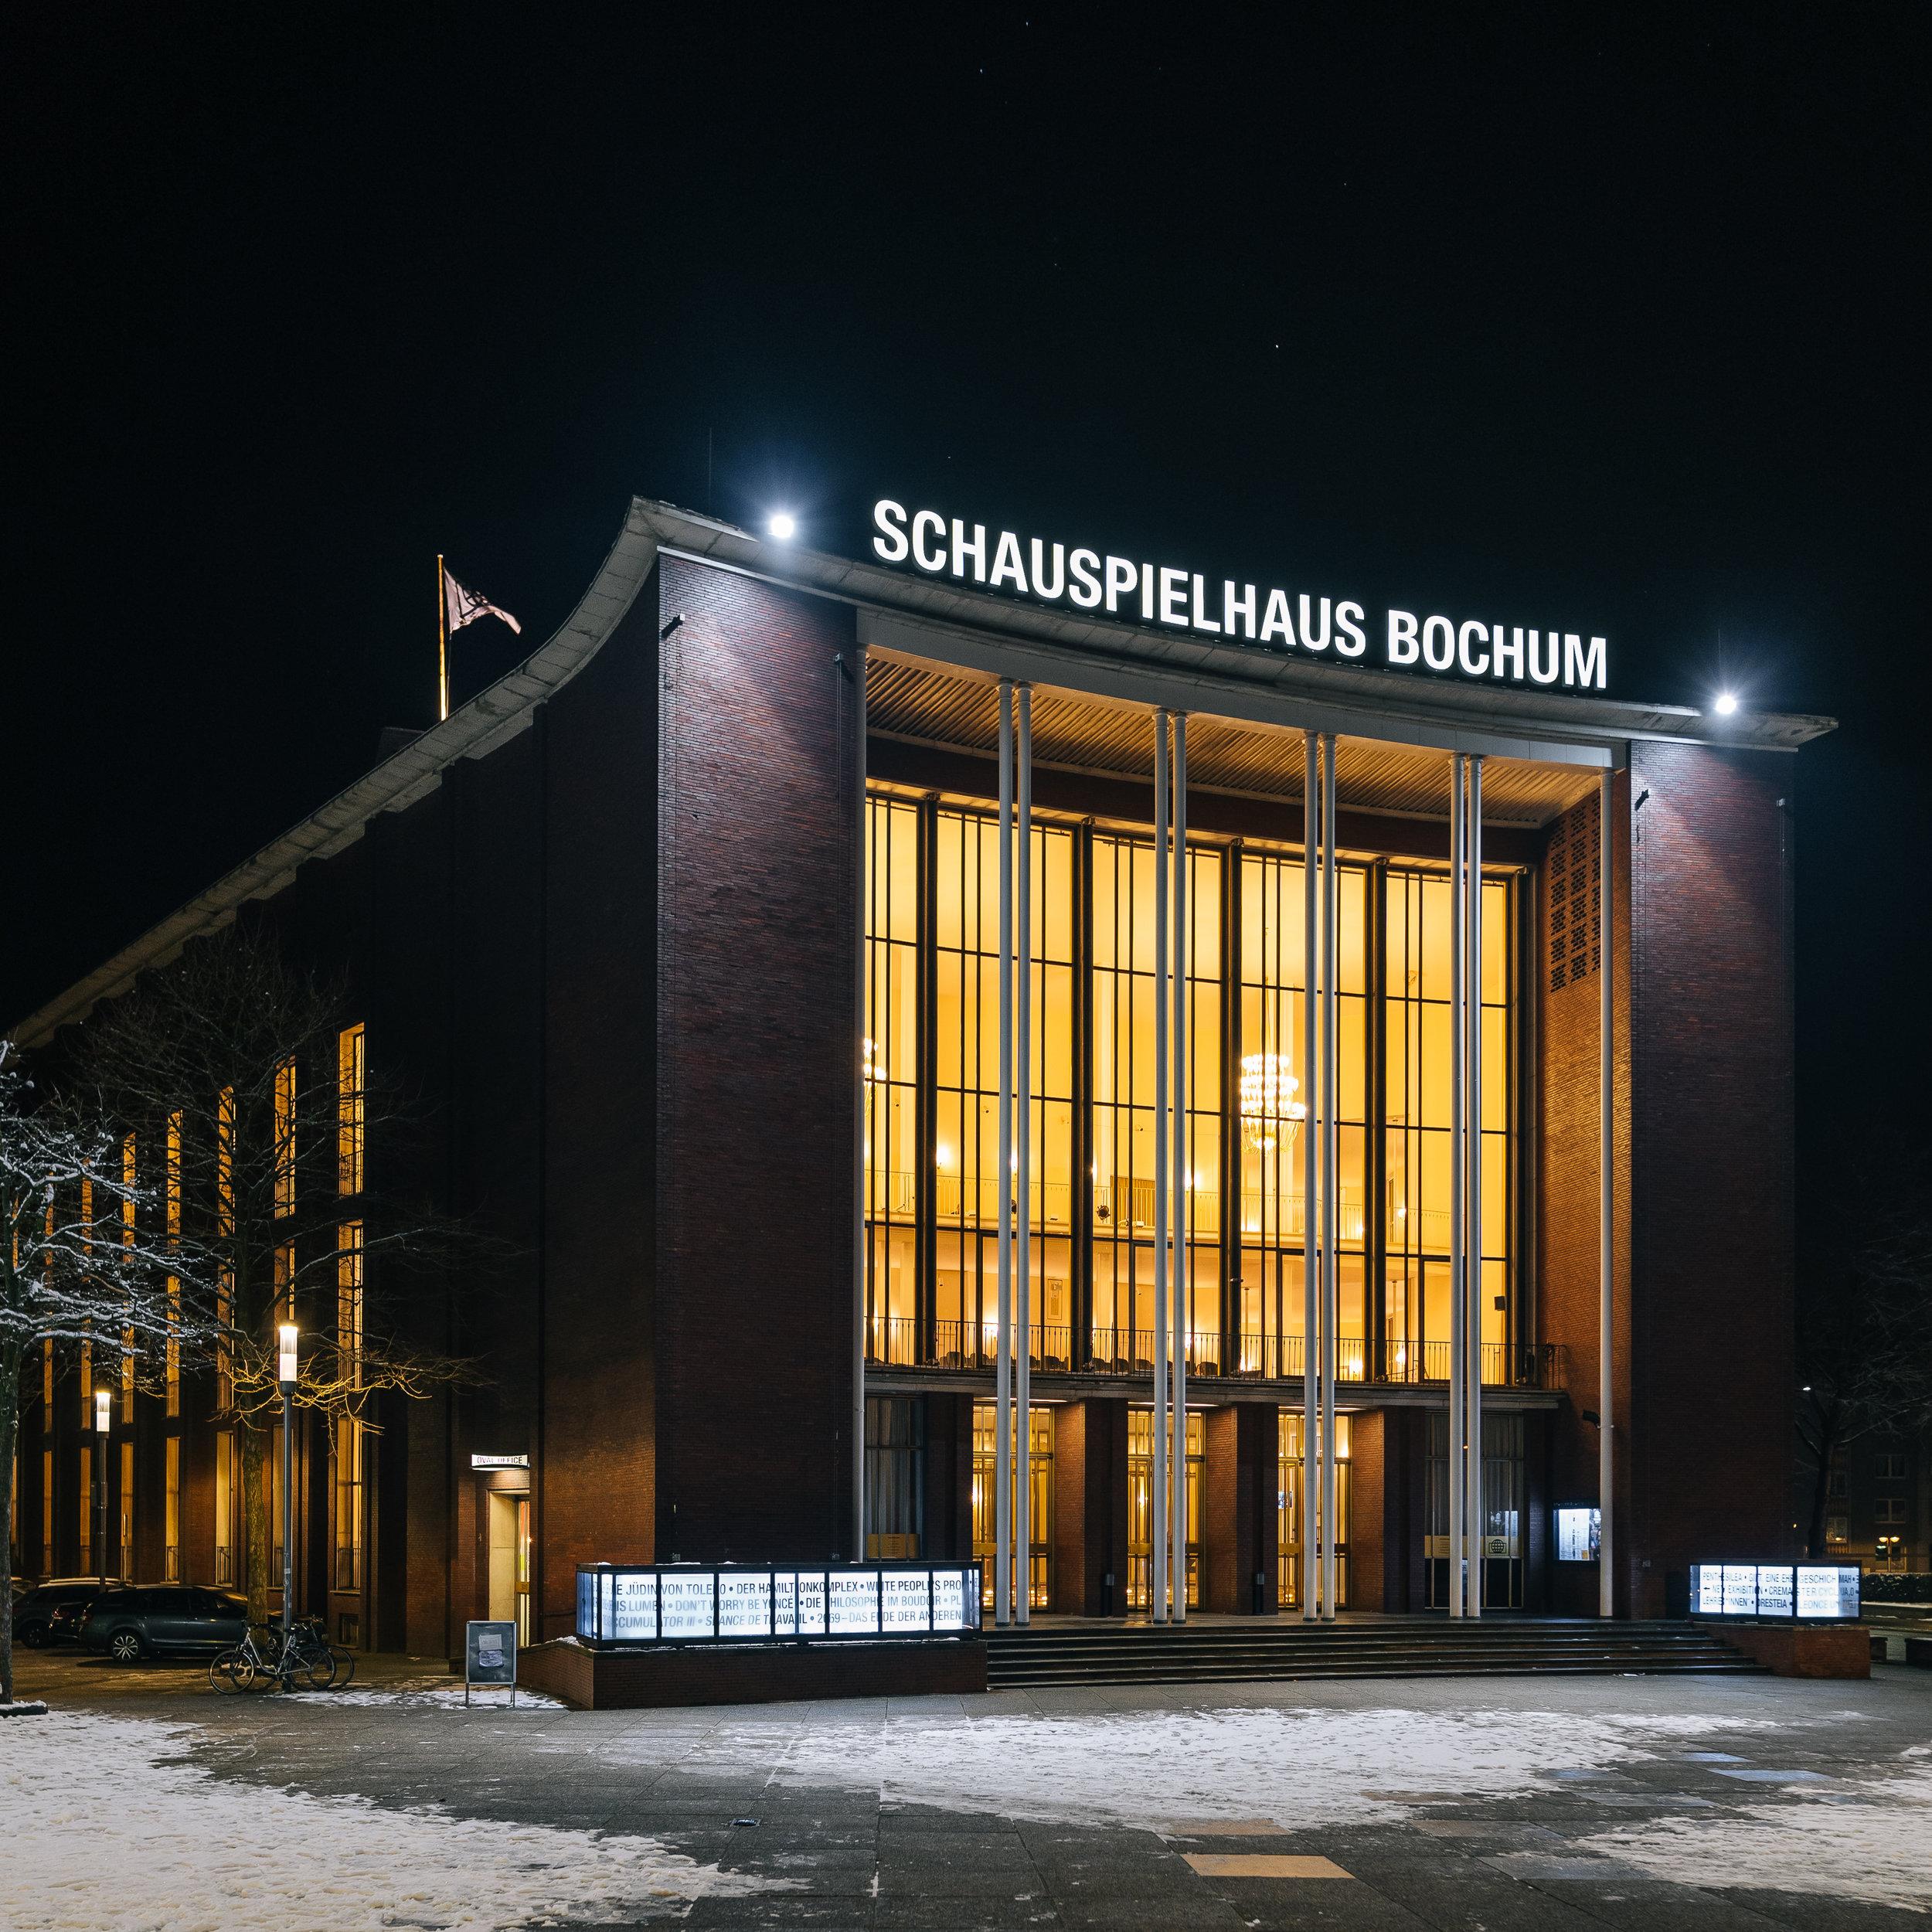 Geballte Theatergeschichte mit Coolness-Faktor – - unser Besuch im Schauspielhaus Bochum